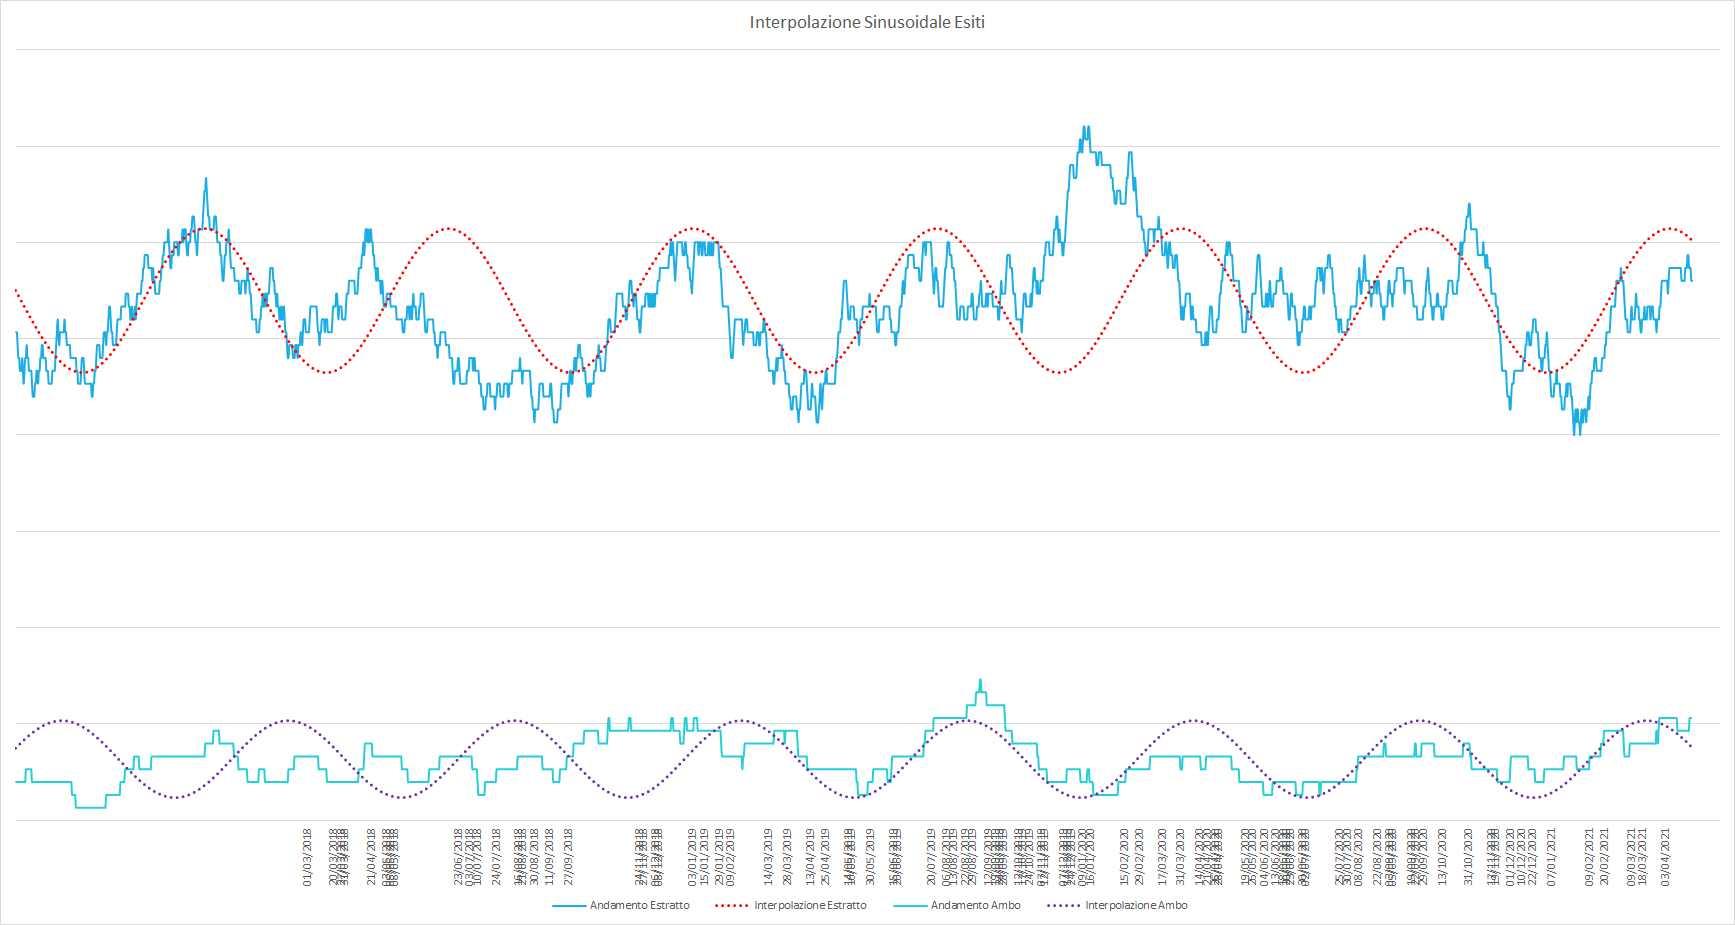 Ipotetico andamento sinusoidale interpolante per le medie dell'estratto e dell'ambo - Aggiornato all'estrazione precedente il 27 Aprile 2021